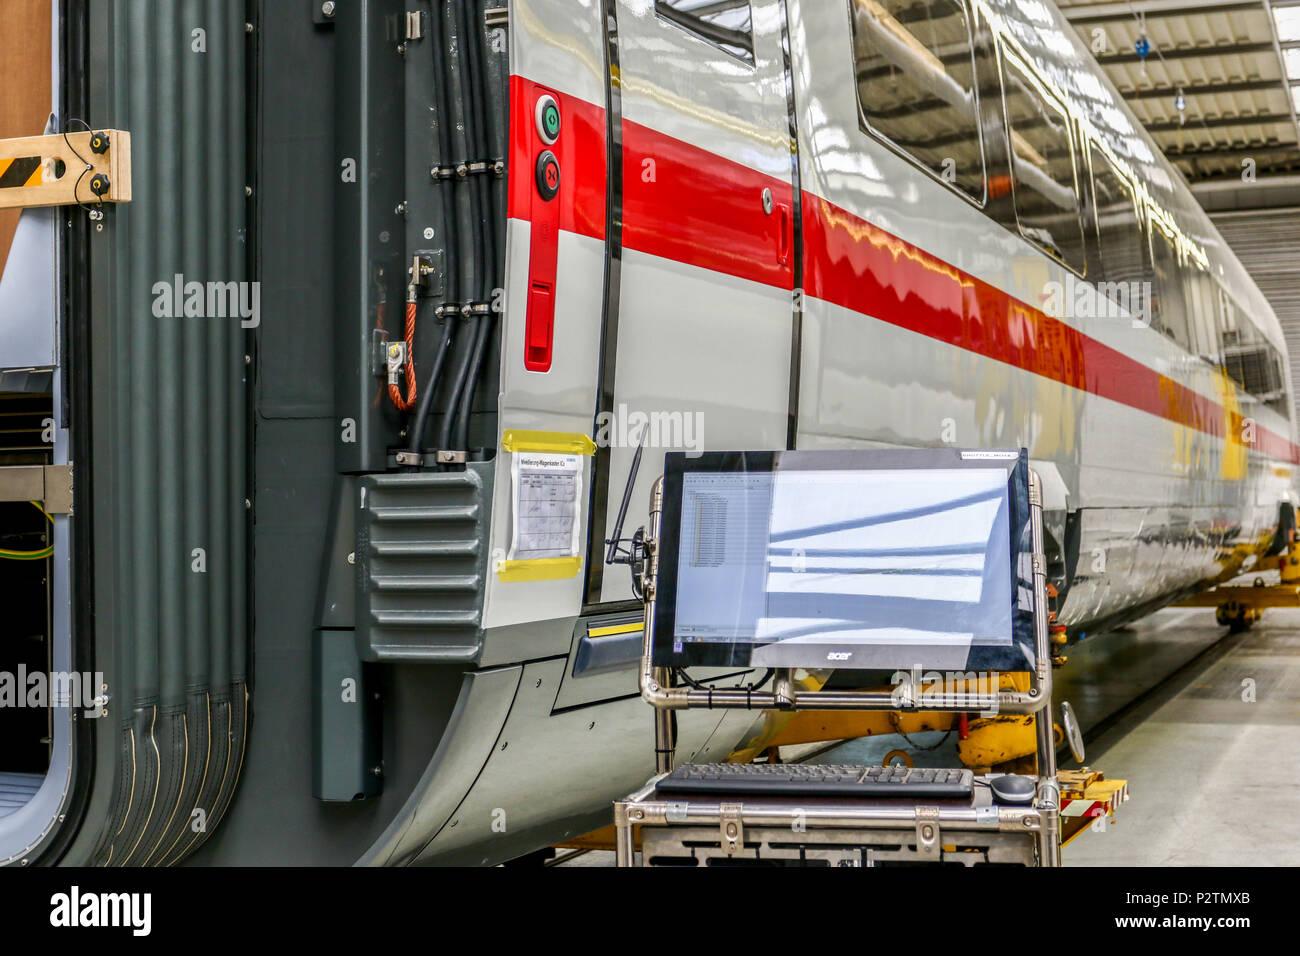 Krefeld, 13. Jun 2018 - Im Siemens-Werk Krefeld-Uerdingen werden derzeit zahlreiche Antriebswagen fuer die aktuelle ICE-Generation der Deutschen Bahn produziert. - Stock Image